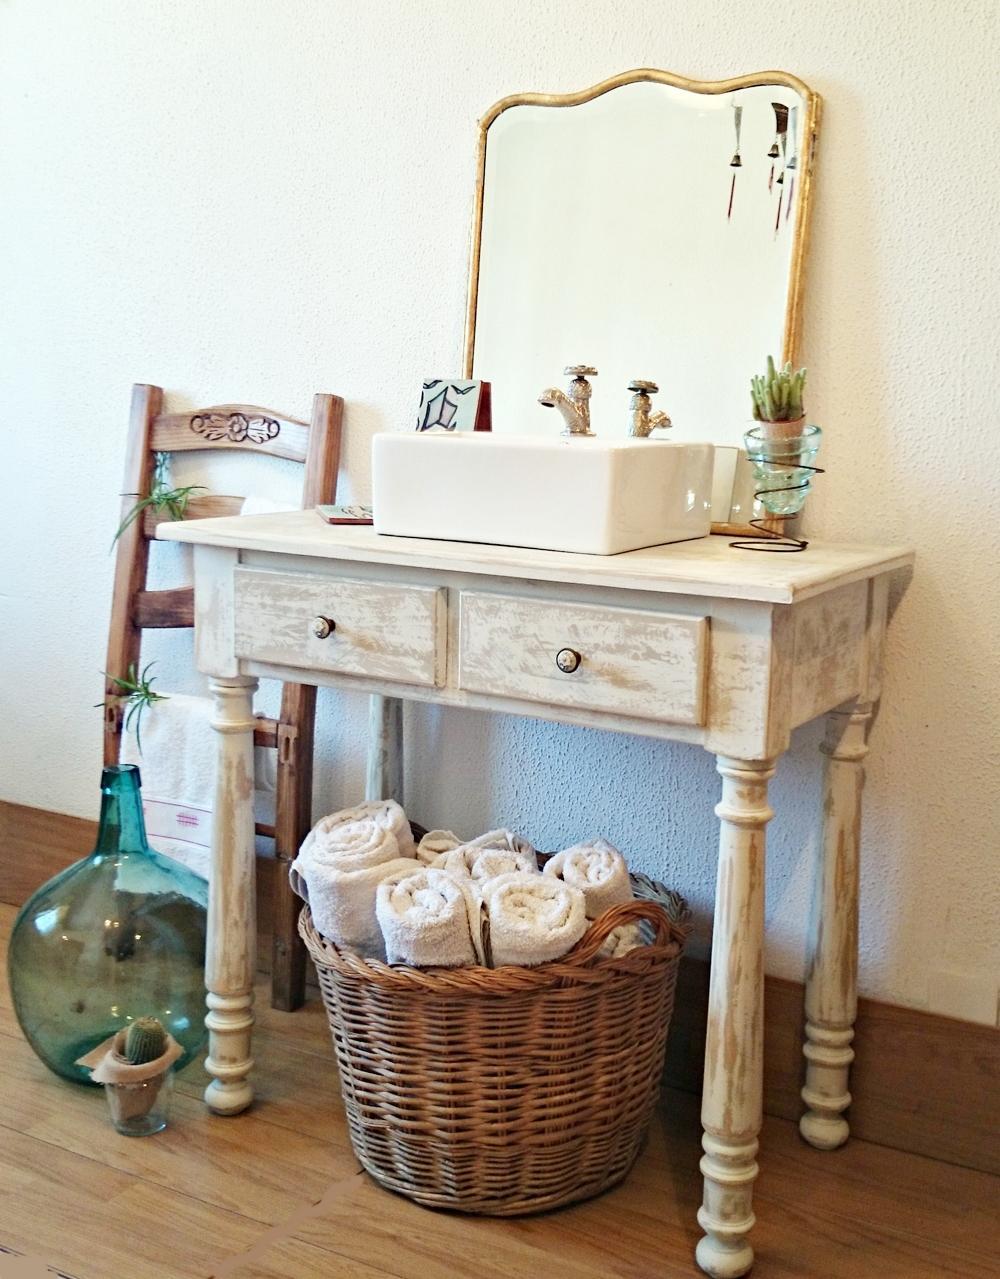 Como decapar un mueble lacado envejece tus muebles con for Pintar mueble lacado